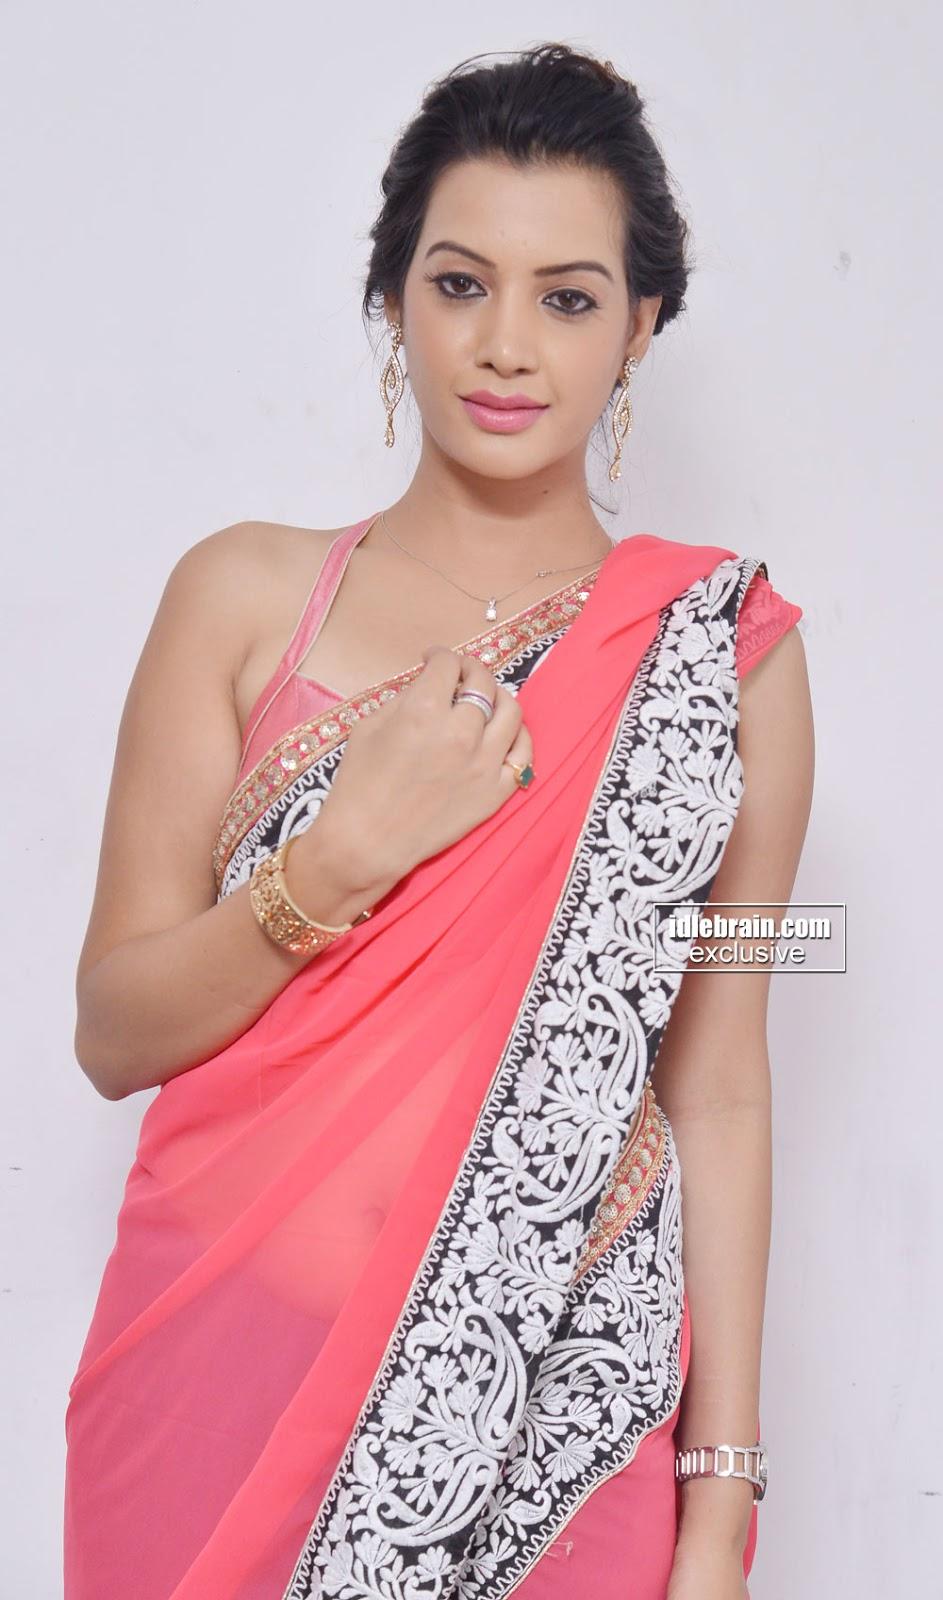 Indian Hot Actress: Actress Diksha Panth Hot & Sexy Stills ...